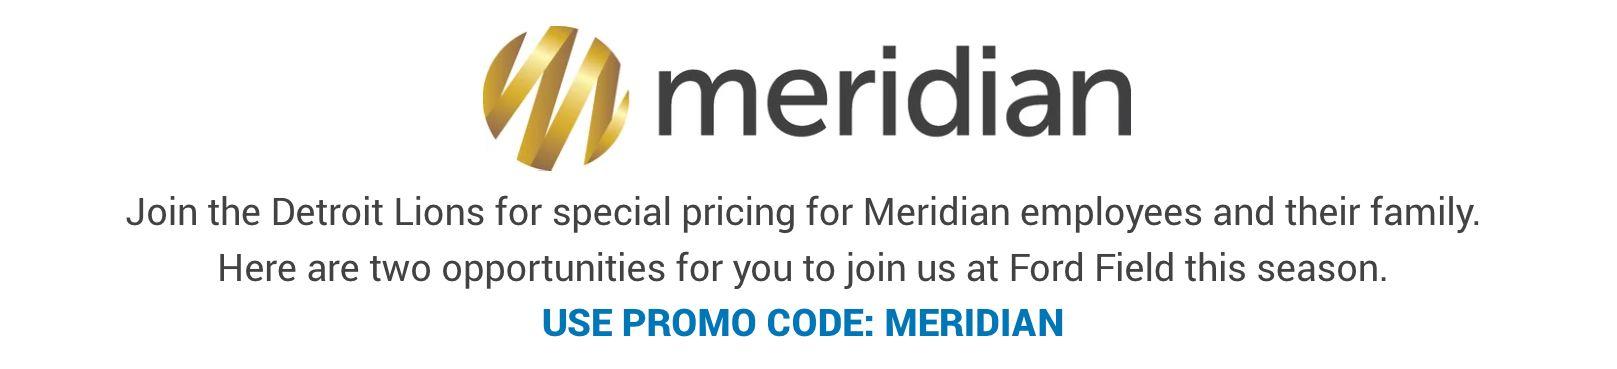 meridian-header